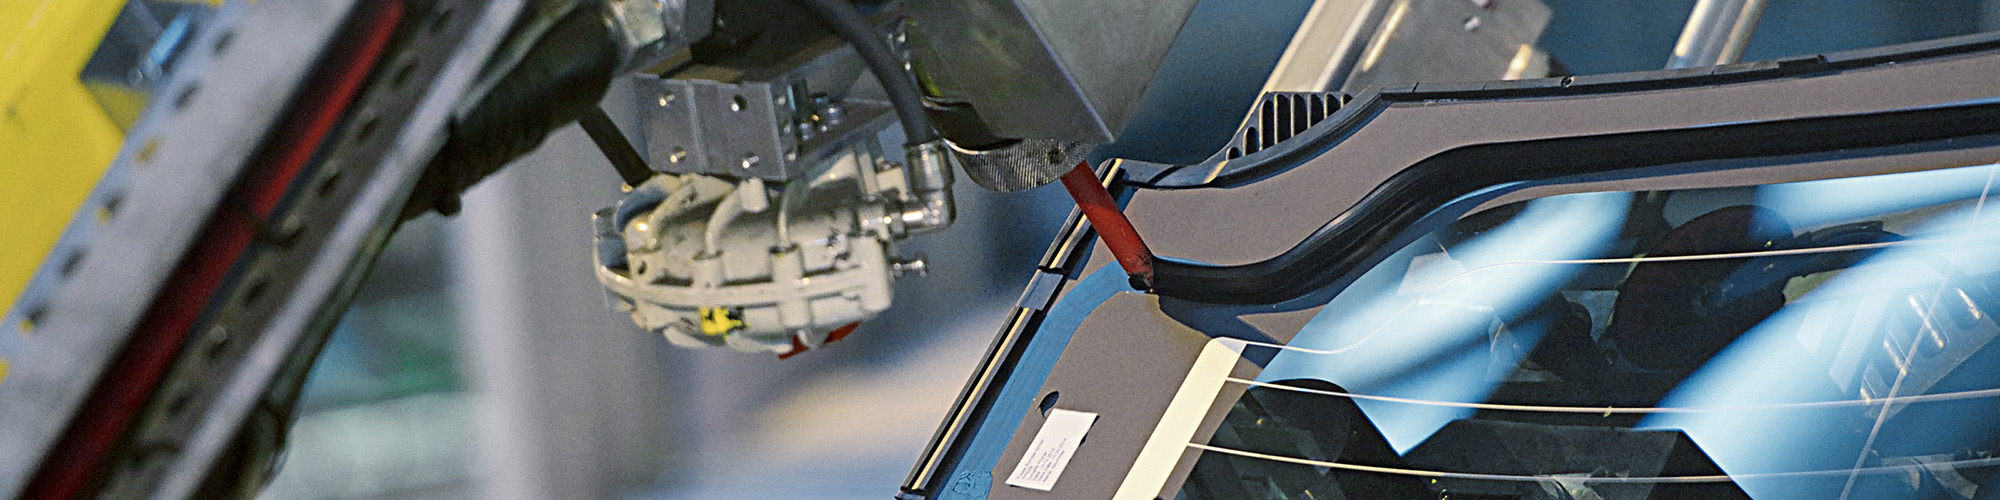 Polyurethane-based adhesive for fixed glass bonding